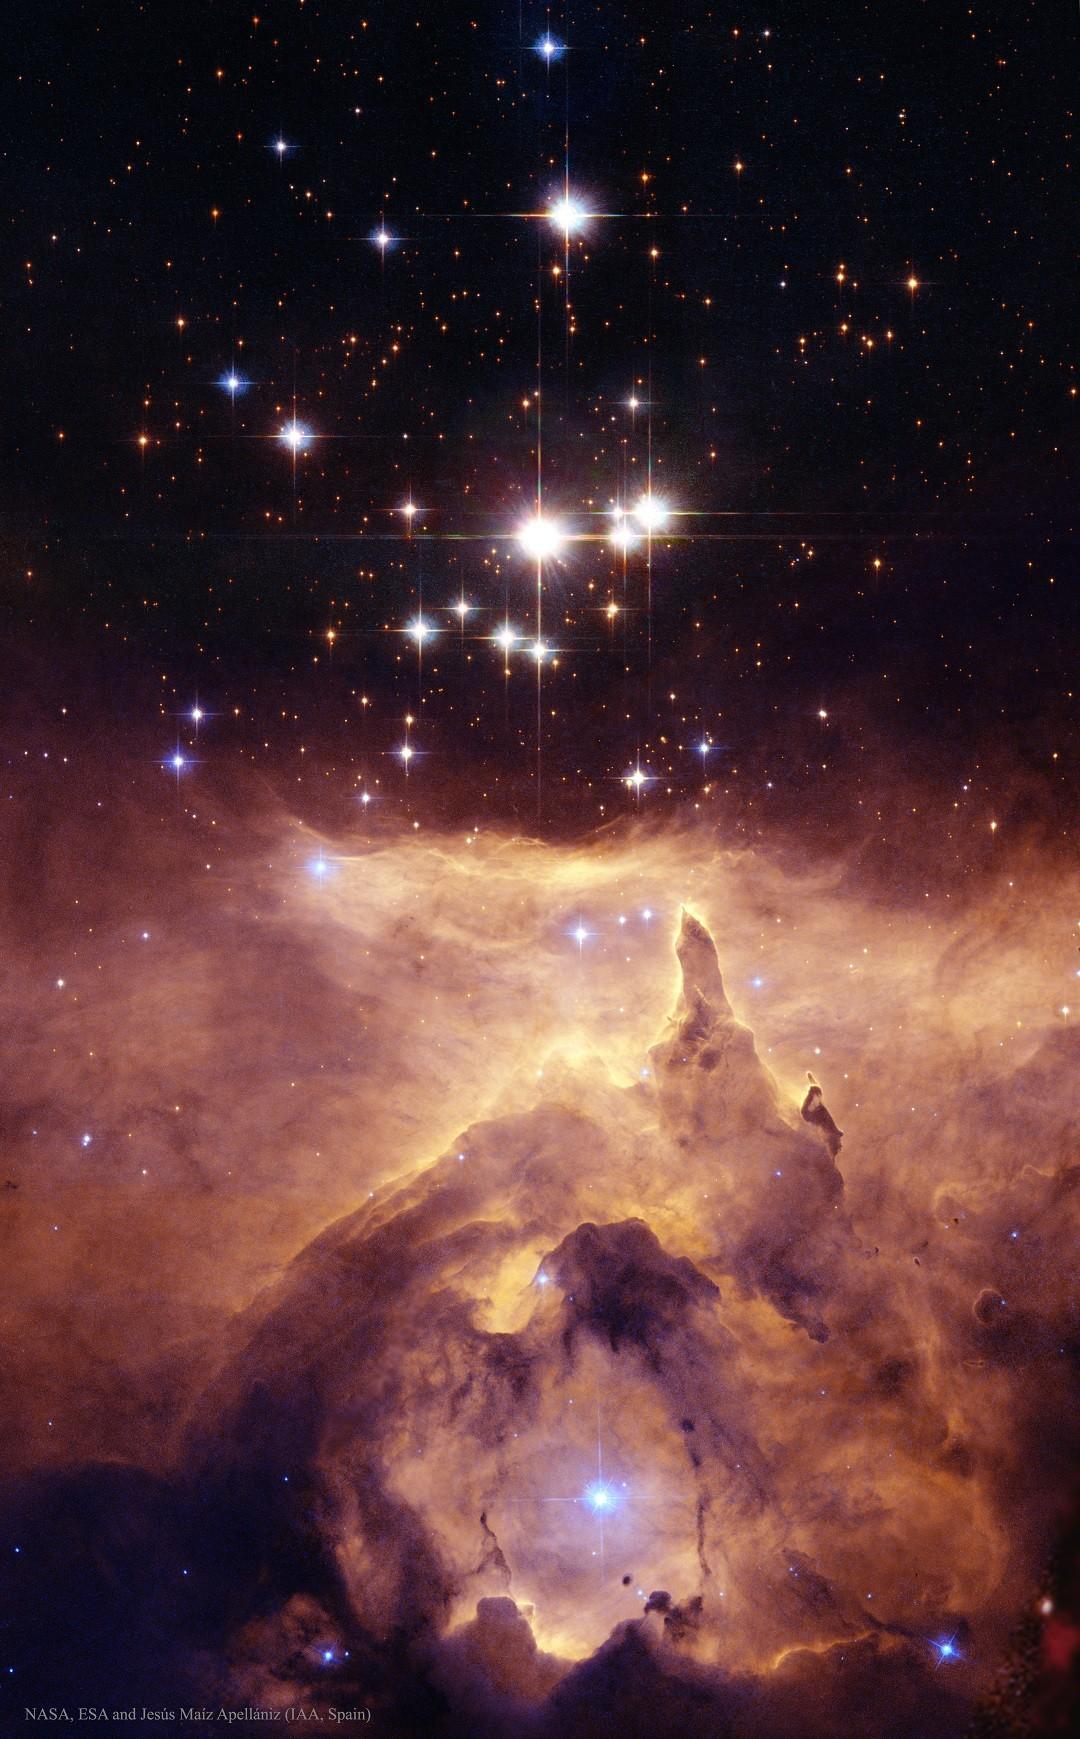 http://apod.nasa.gov/apod/image/1603/NGC6357_hubble_3140.jpg